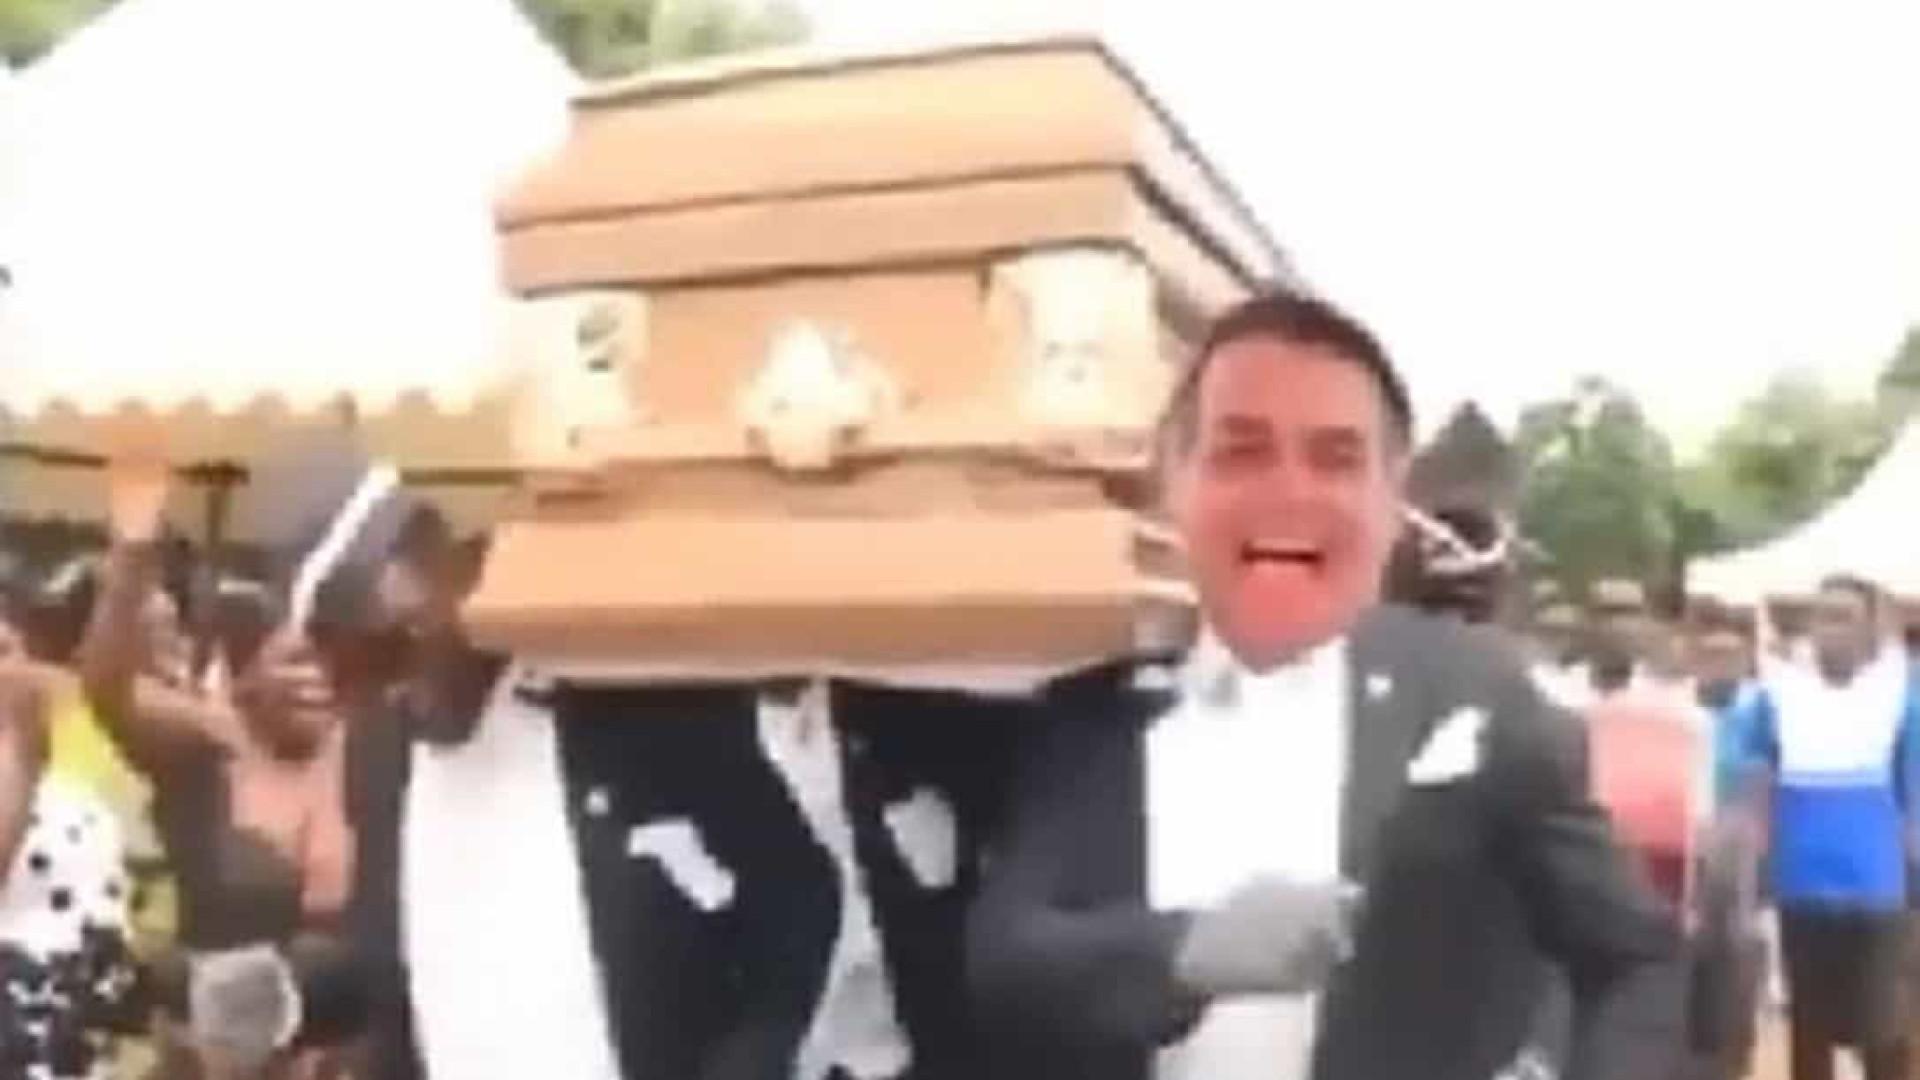 Presidente da Embratur faz meme com Bolsonaro carregando caixão